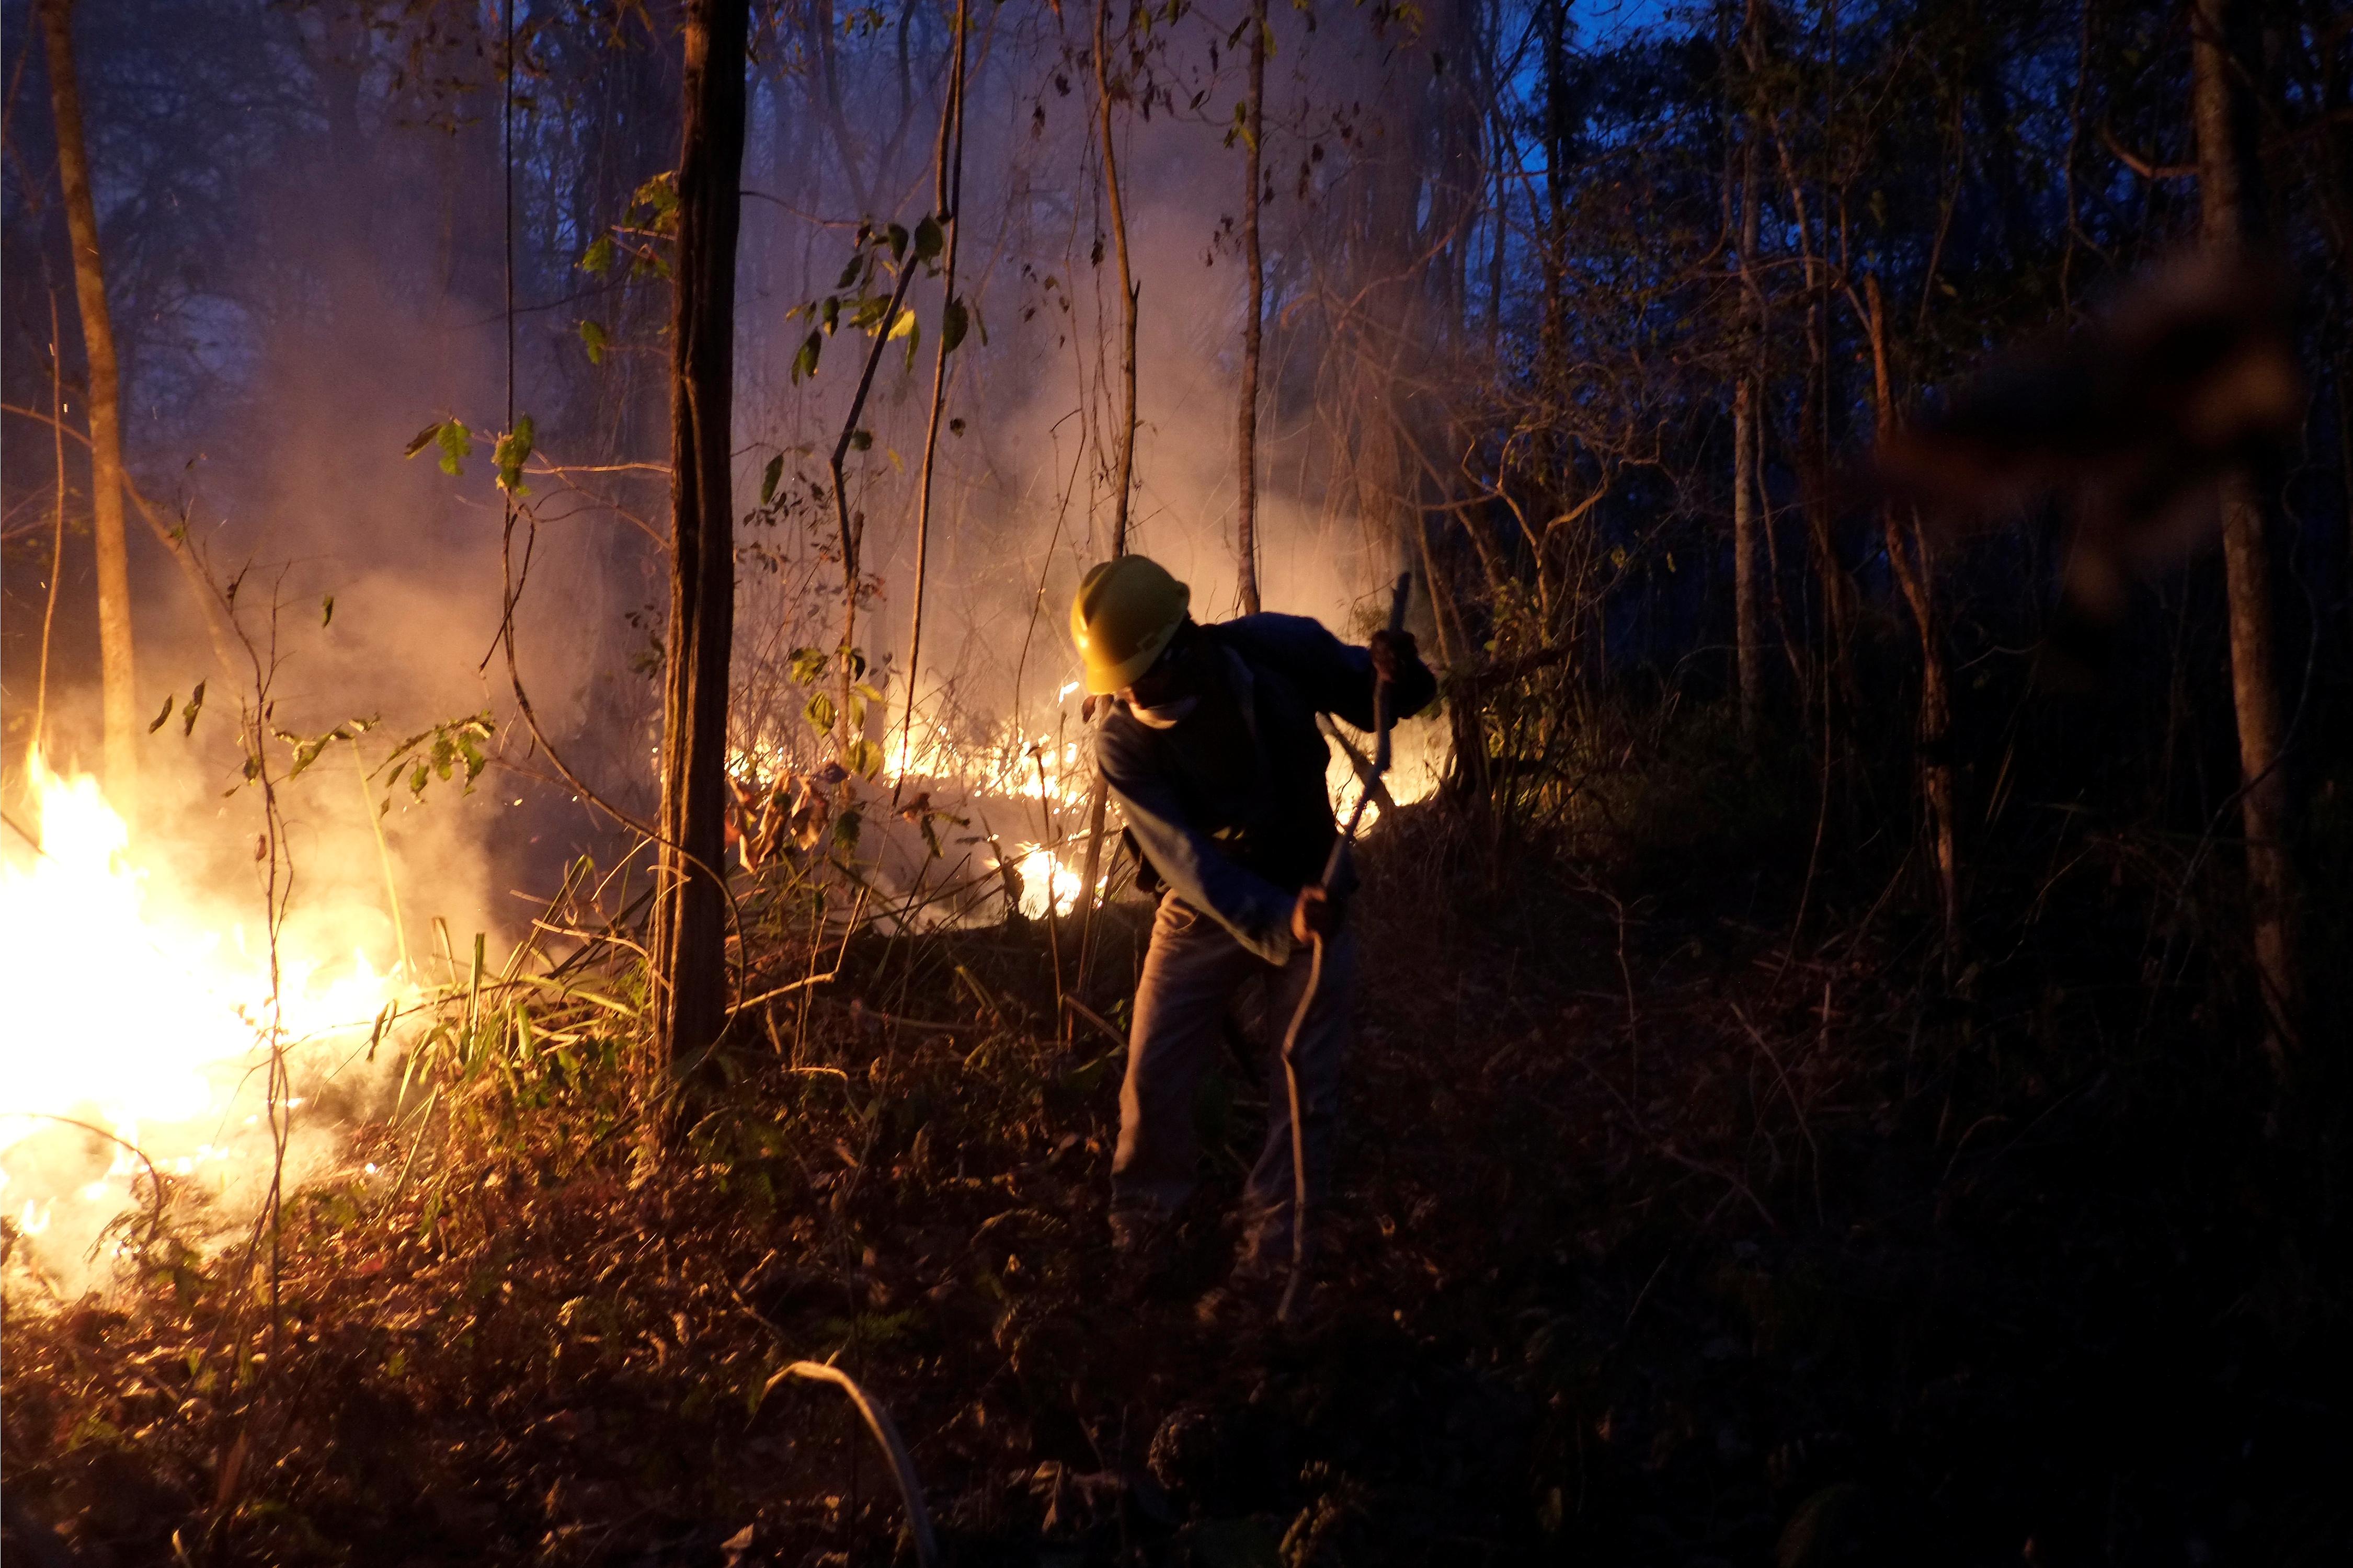 رجال الاطفاء تسعى للسيطرة على النيران